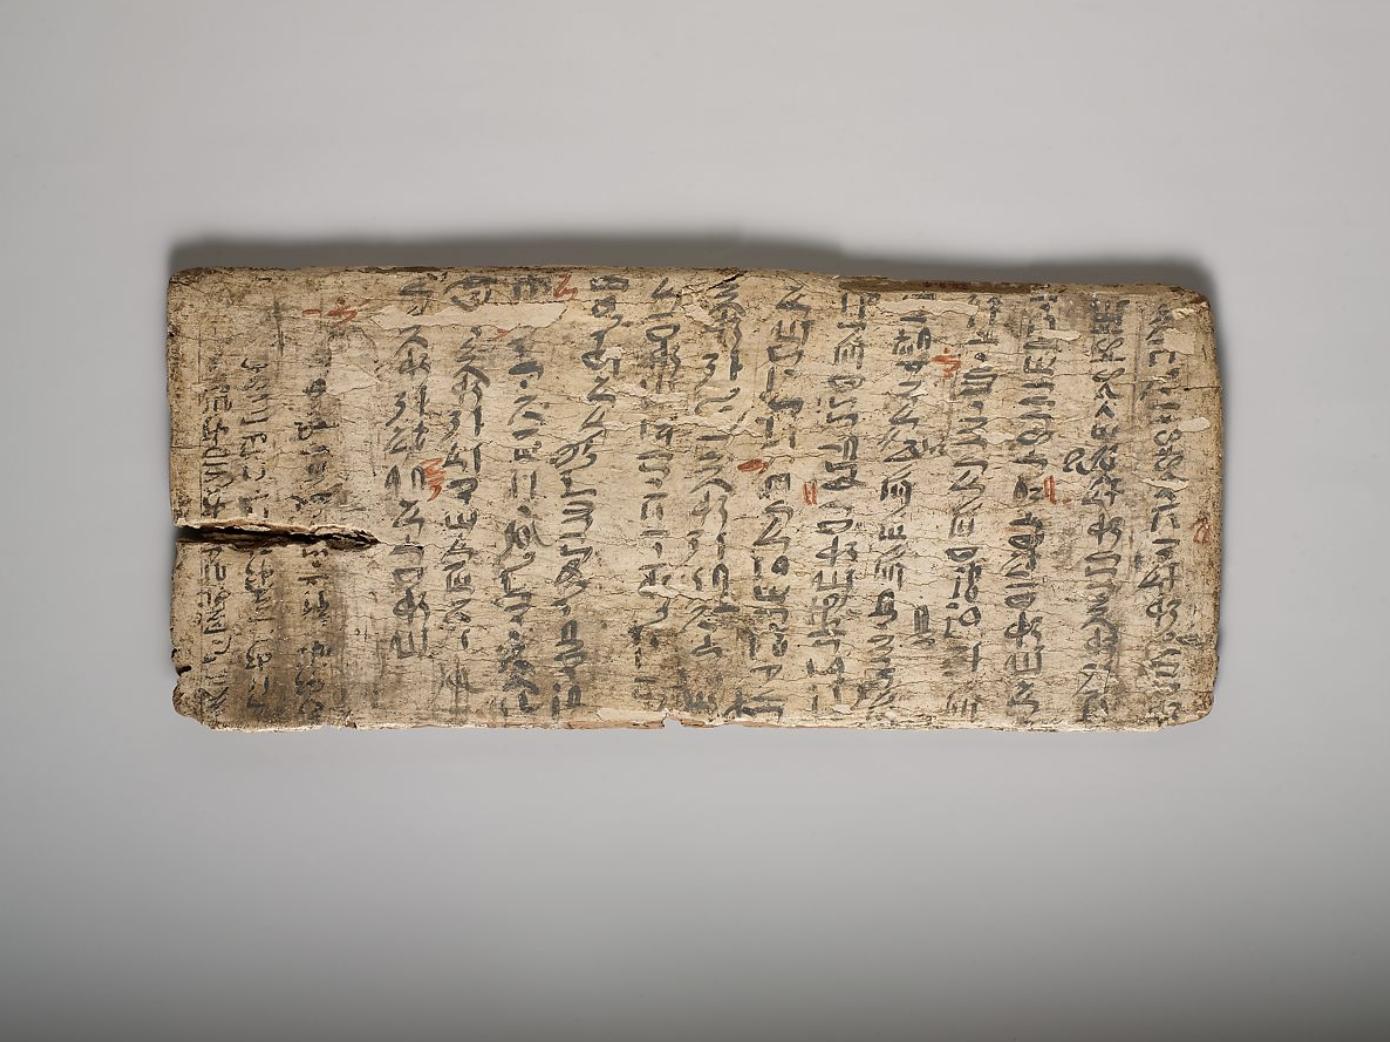 Une tablette égyptienne de 4000 ans, criblée de fautes et corrigée en rouge